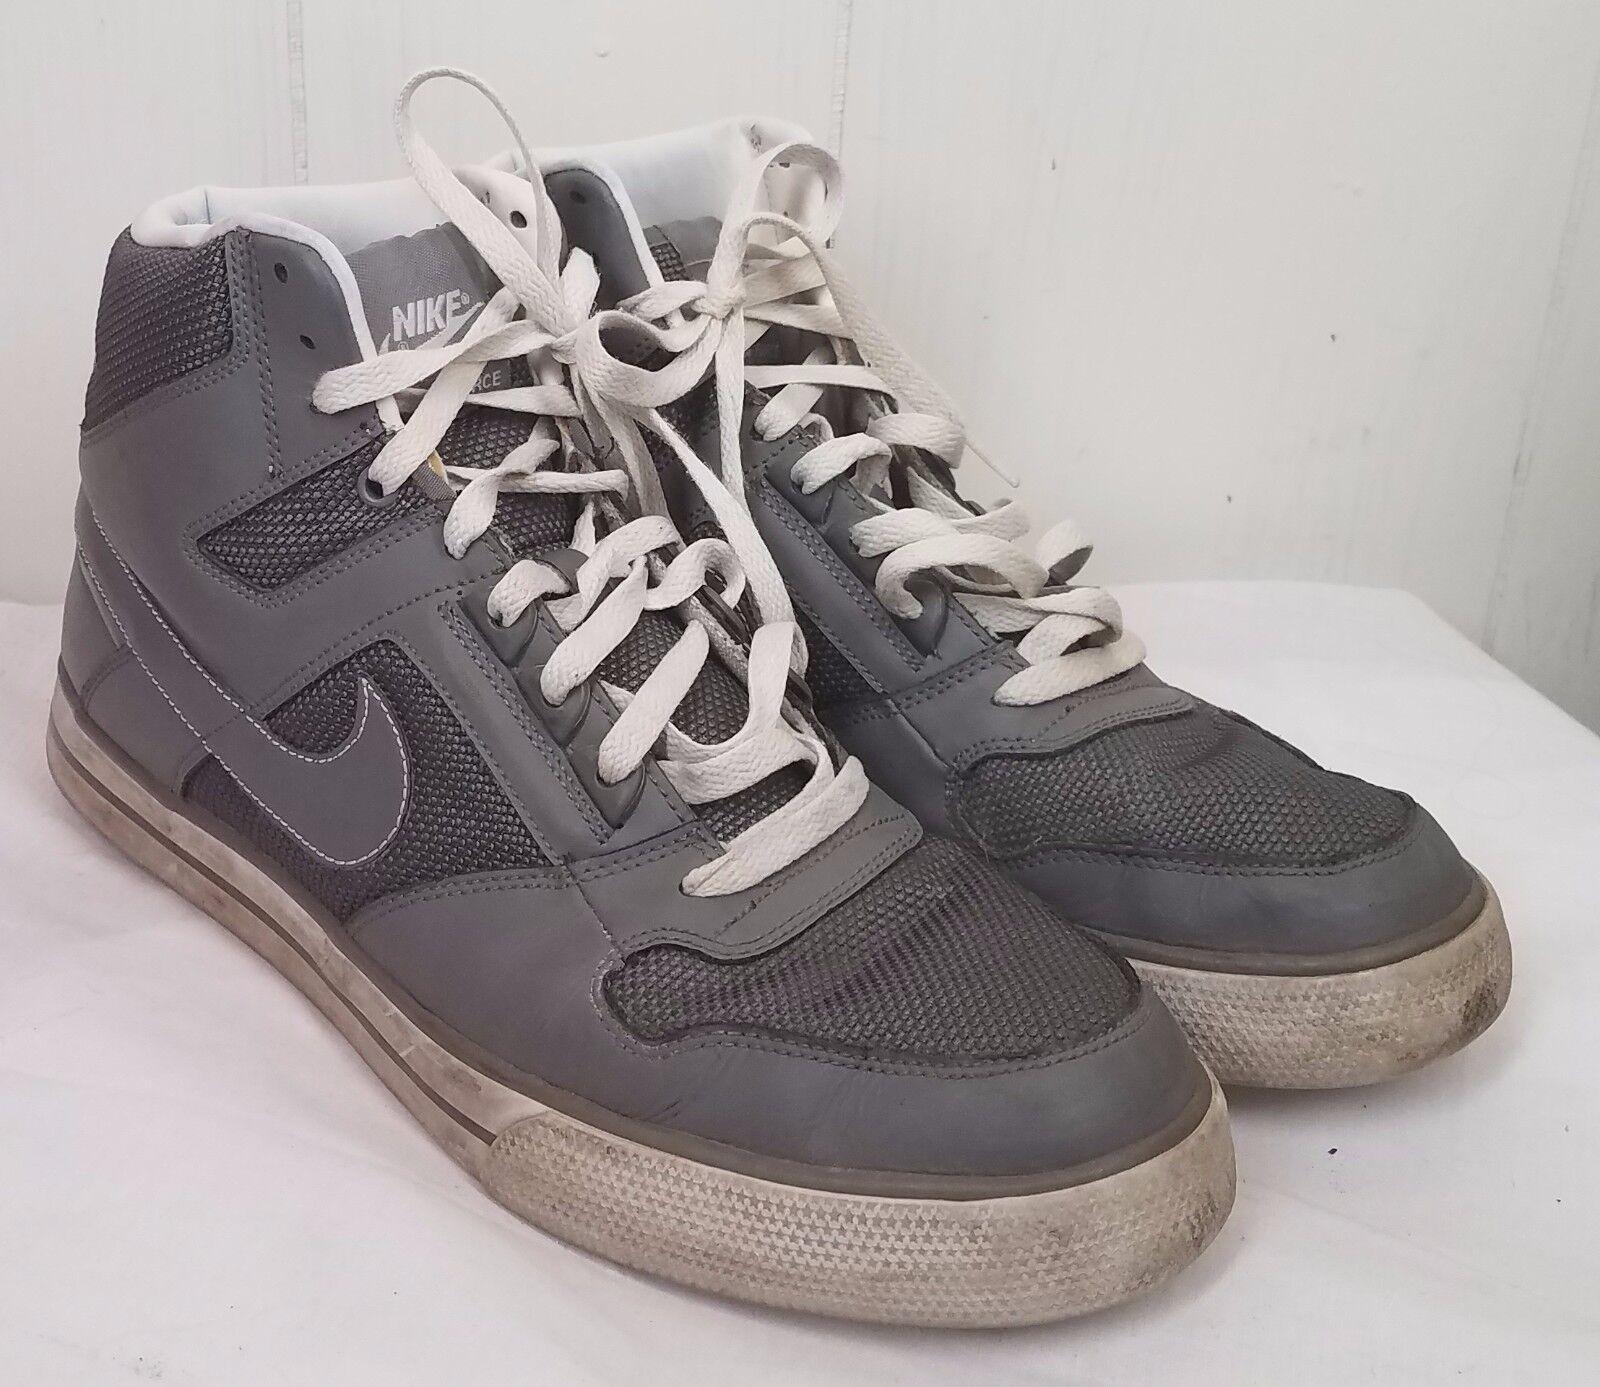 Nike delta force hohe turnschuhe ac - mens graue turnschuhe hohe tennisschuhe größe 12 e6d16d